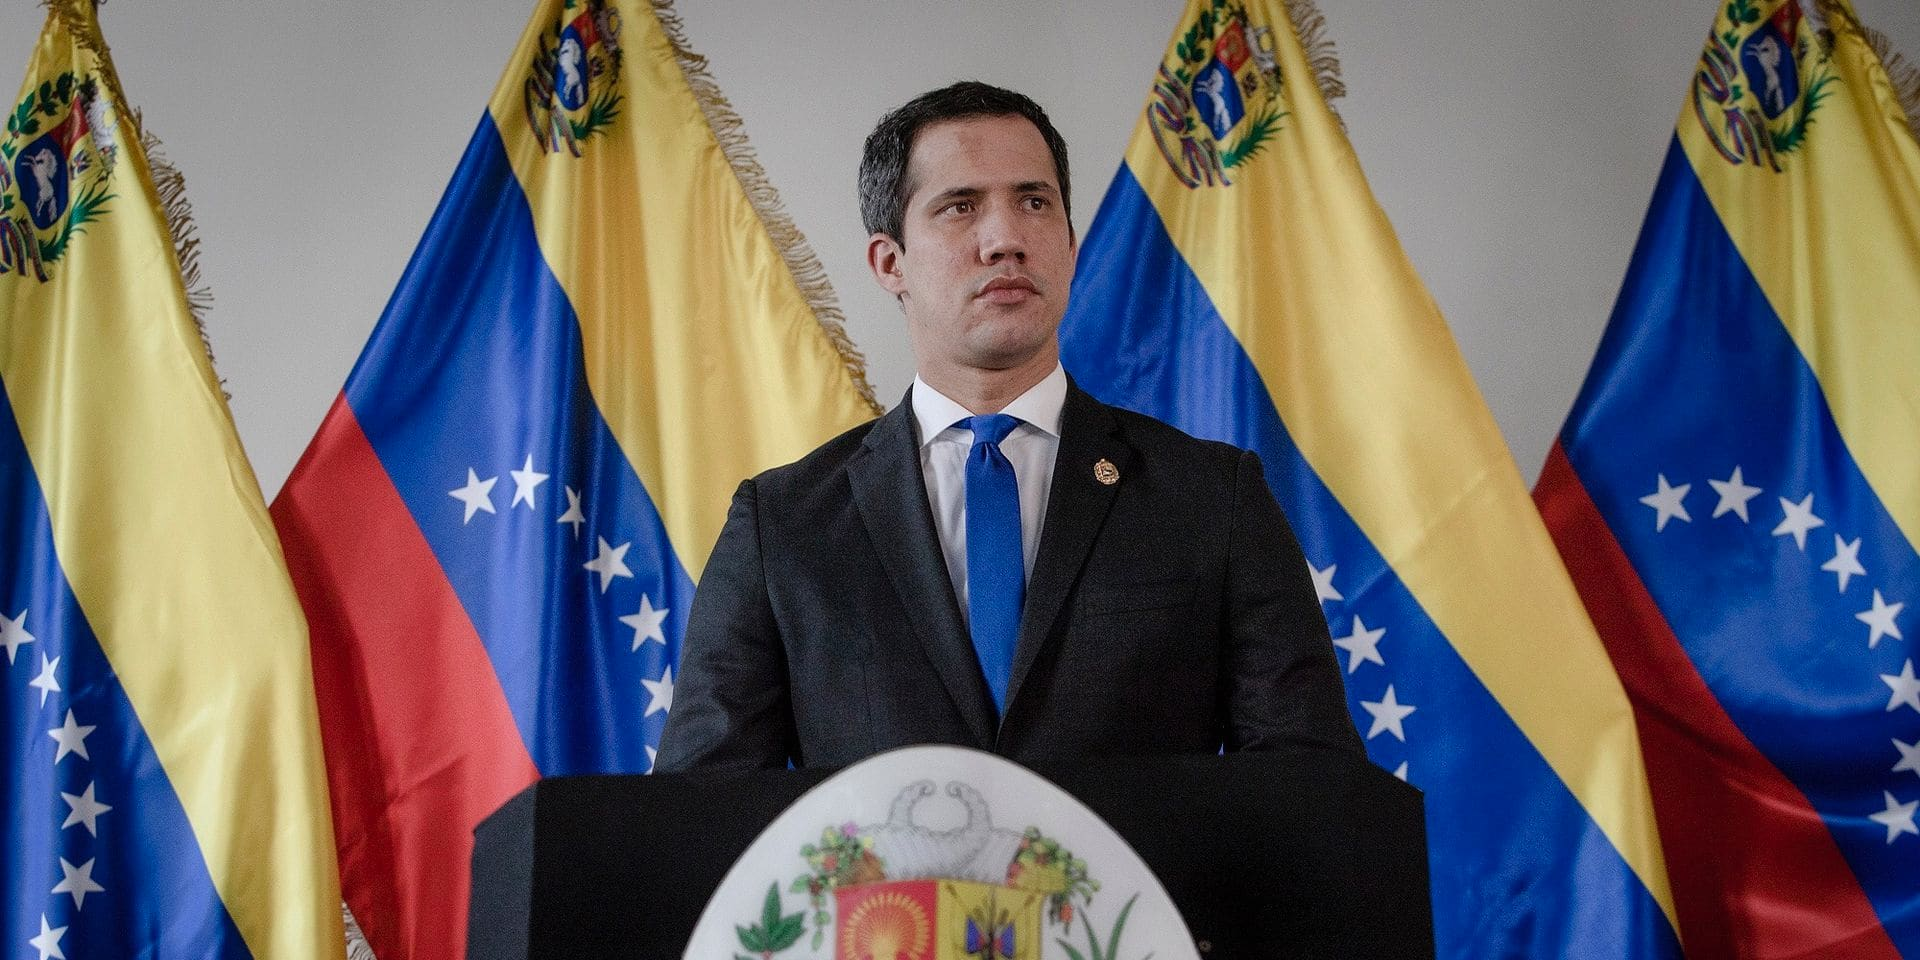 L'or vénézuélien repris à Guaido